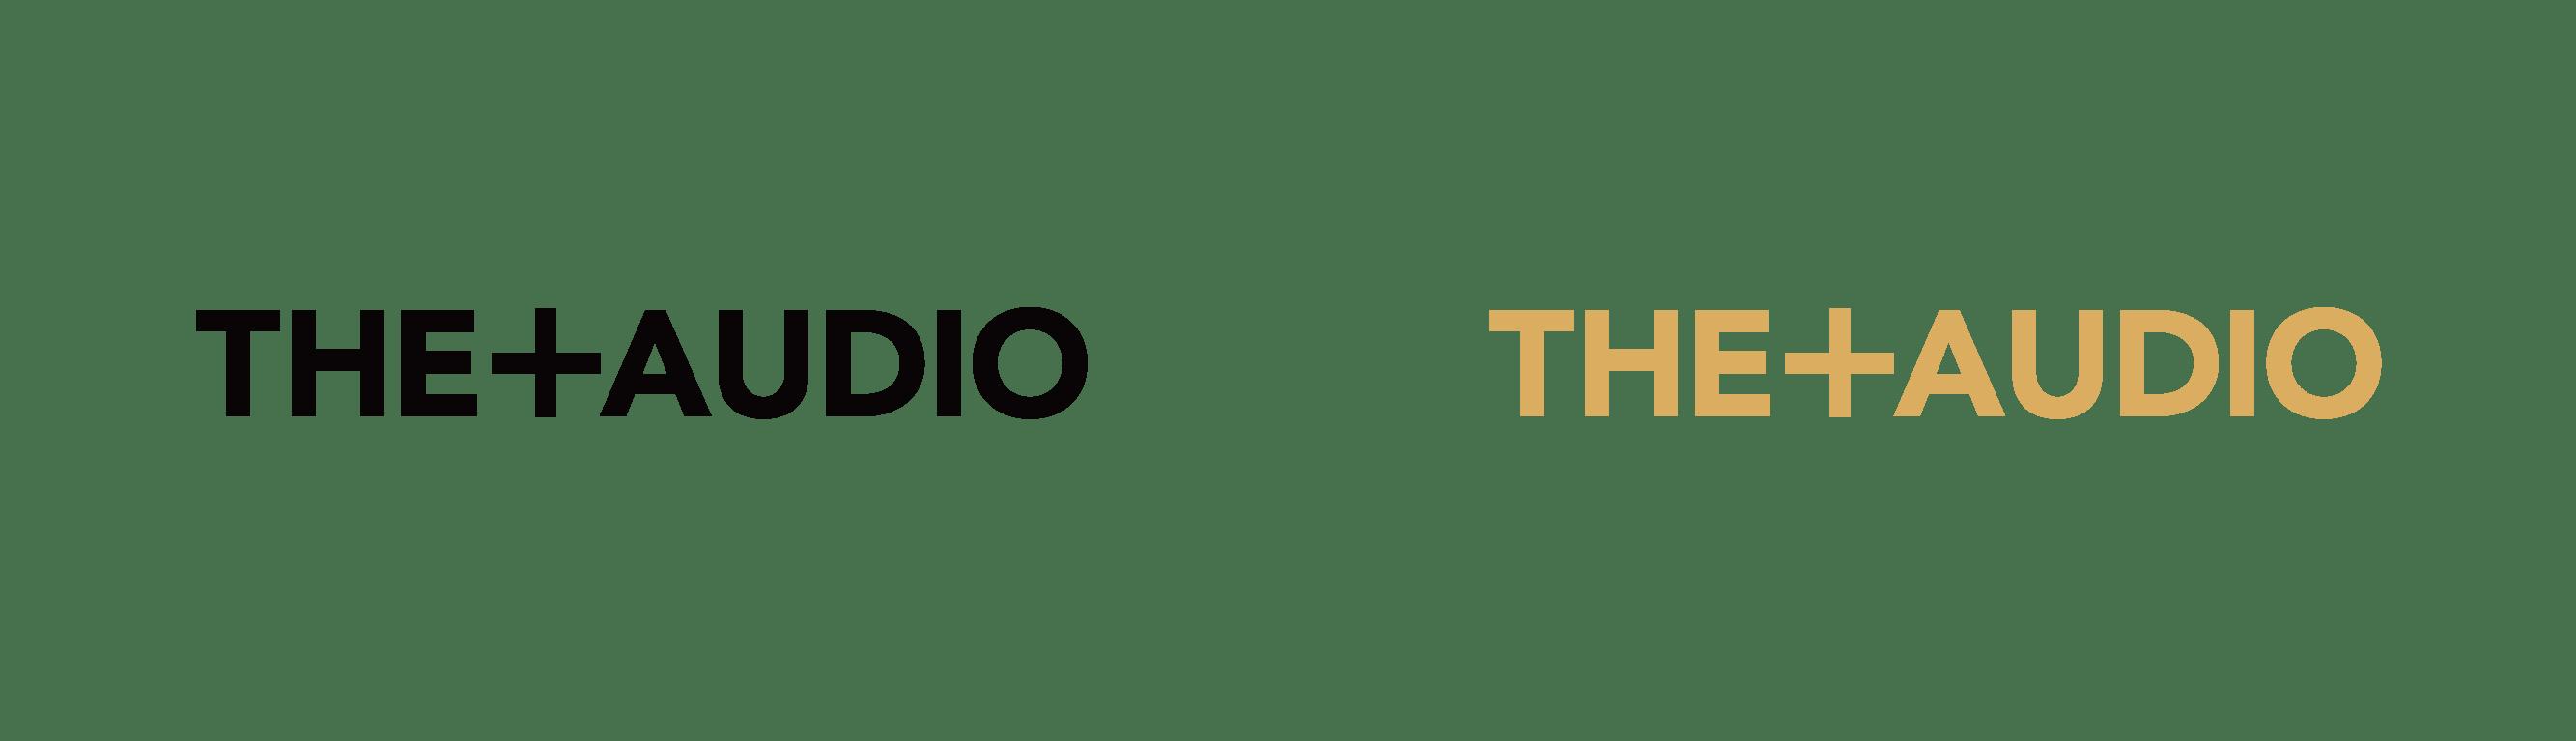 The+Audio